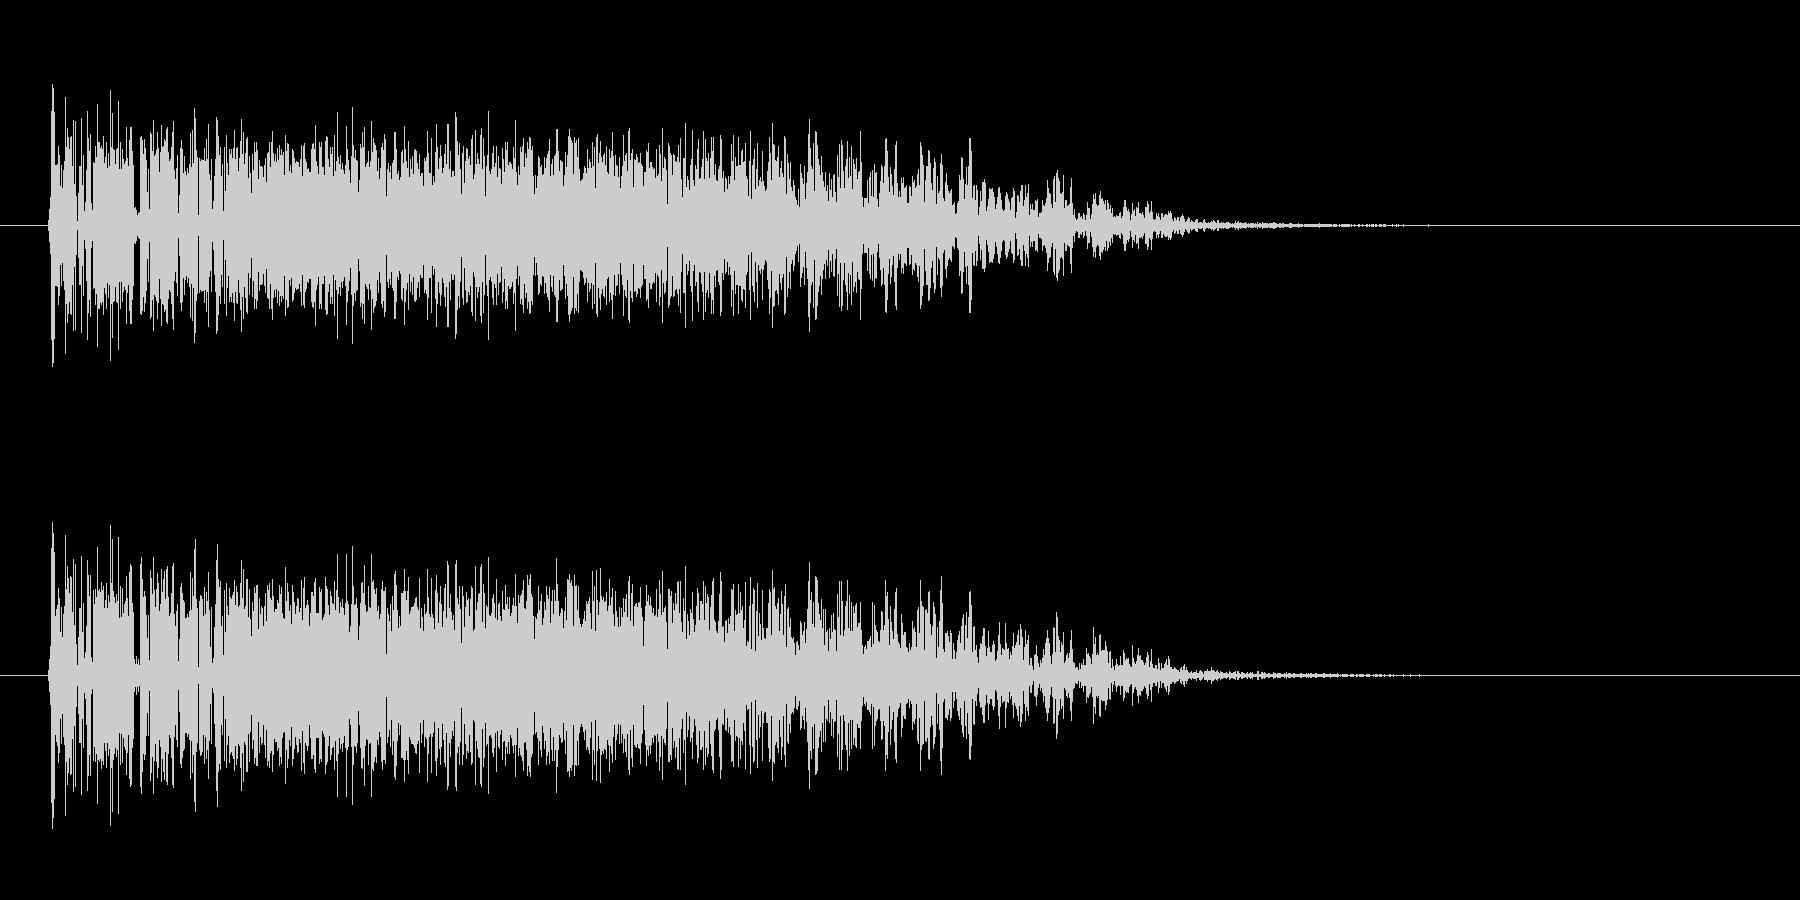 ジェットエンジンの発射音の未再生の波形